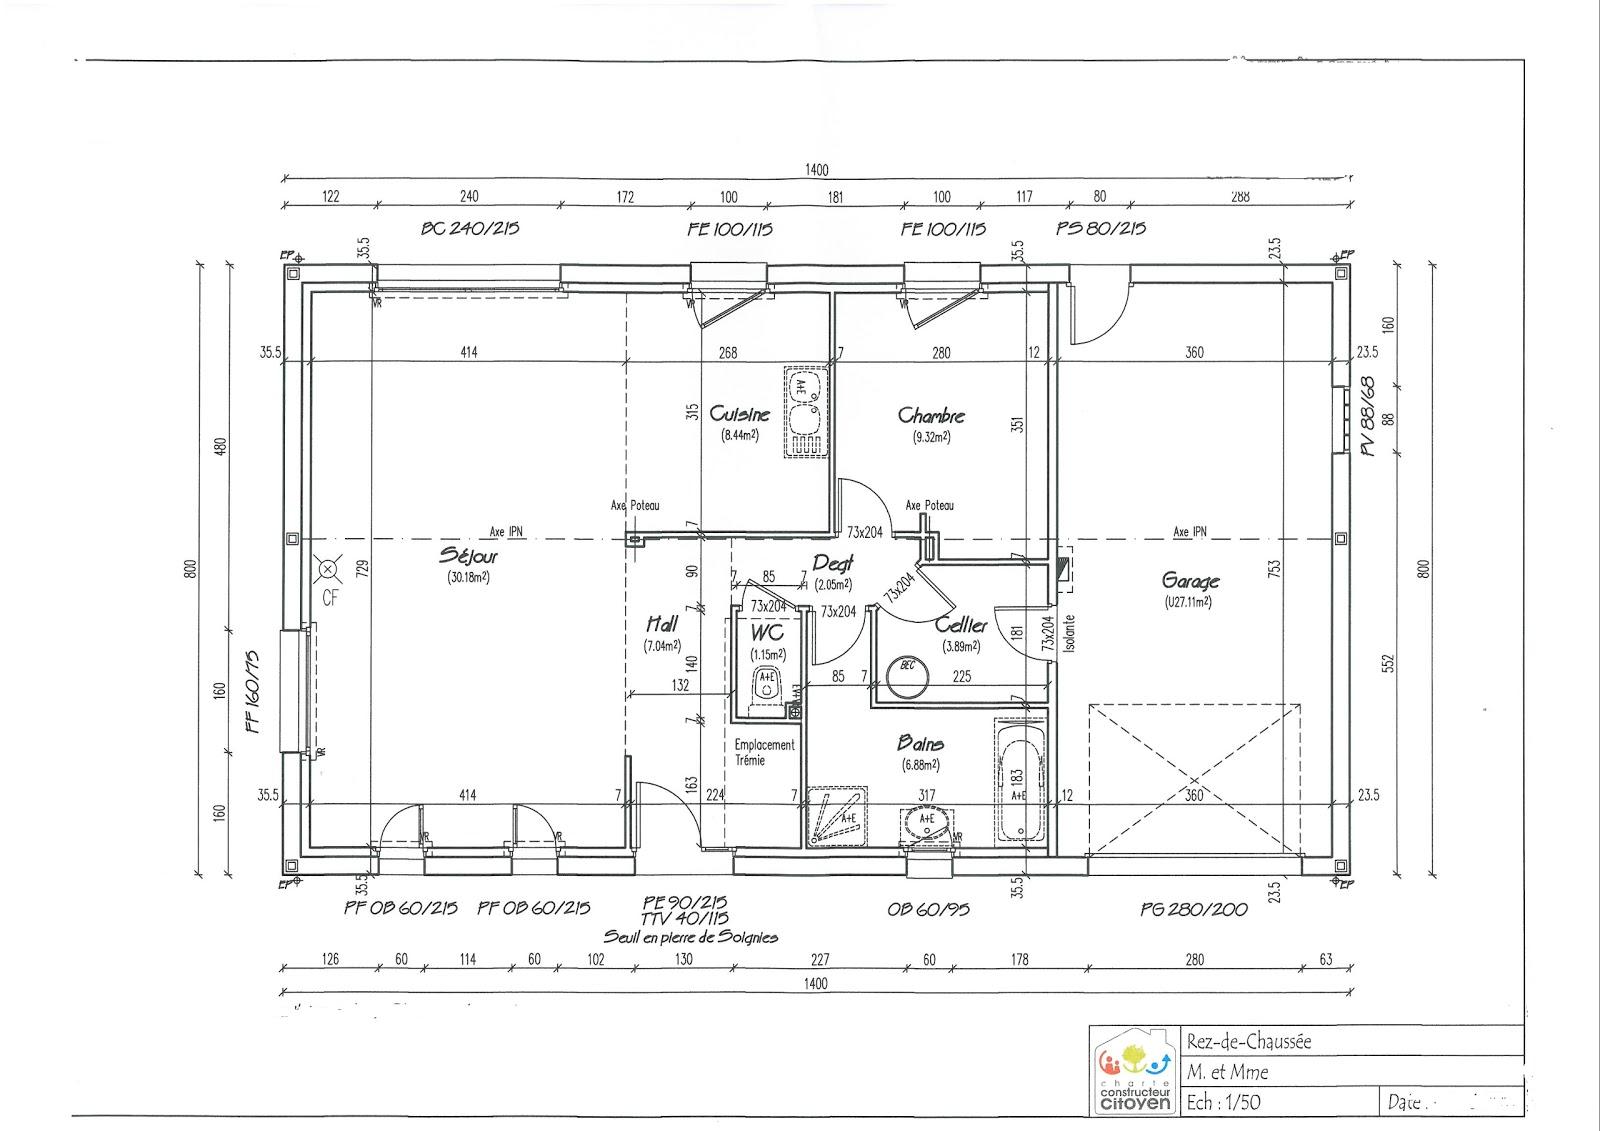 Notre maison bousies plans de la maison rez de chauss e et tage - Plan de maison rez de chaussee ...